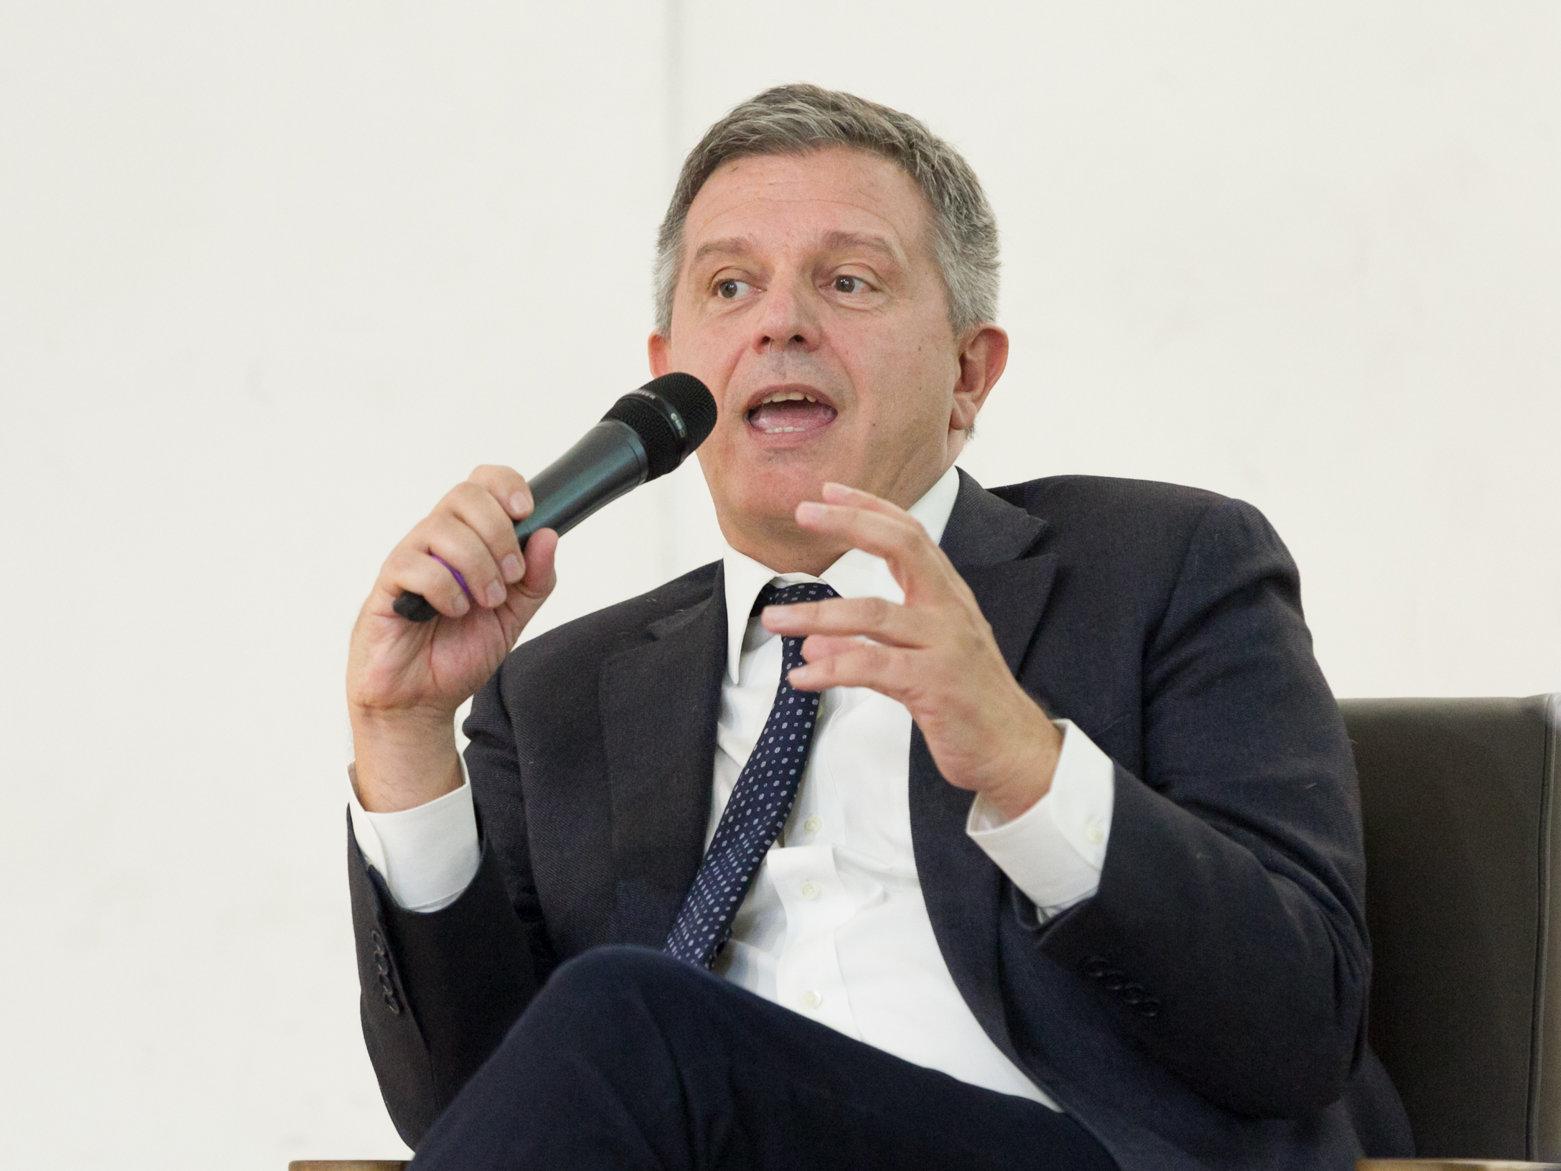 Niccolò Aste